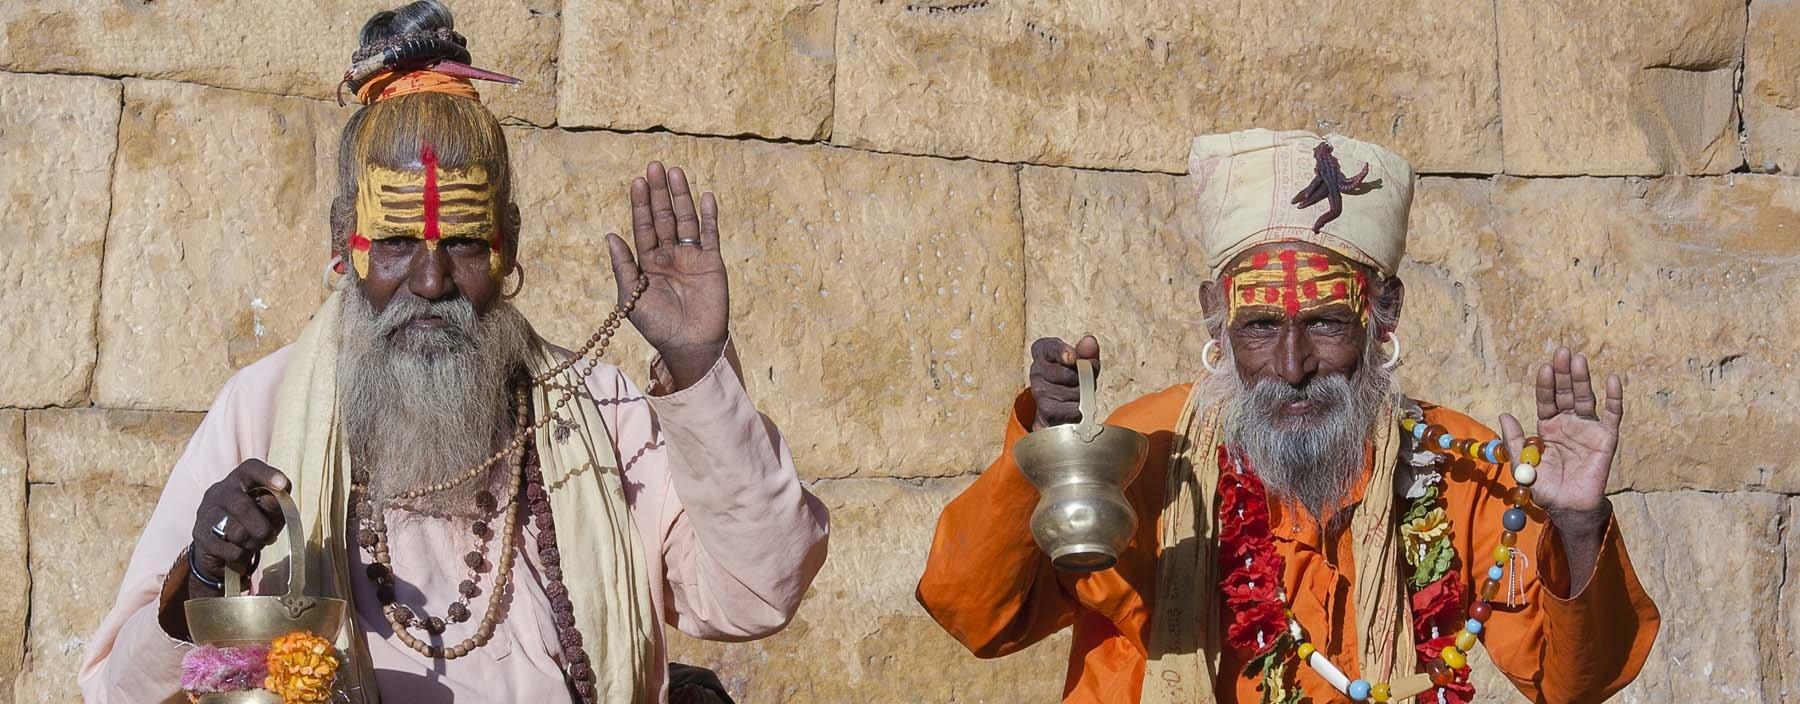 in, jaisalmer, hindu sadhu holy man.jpg